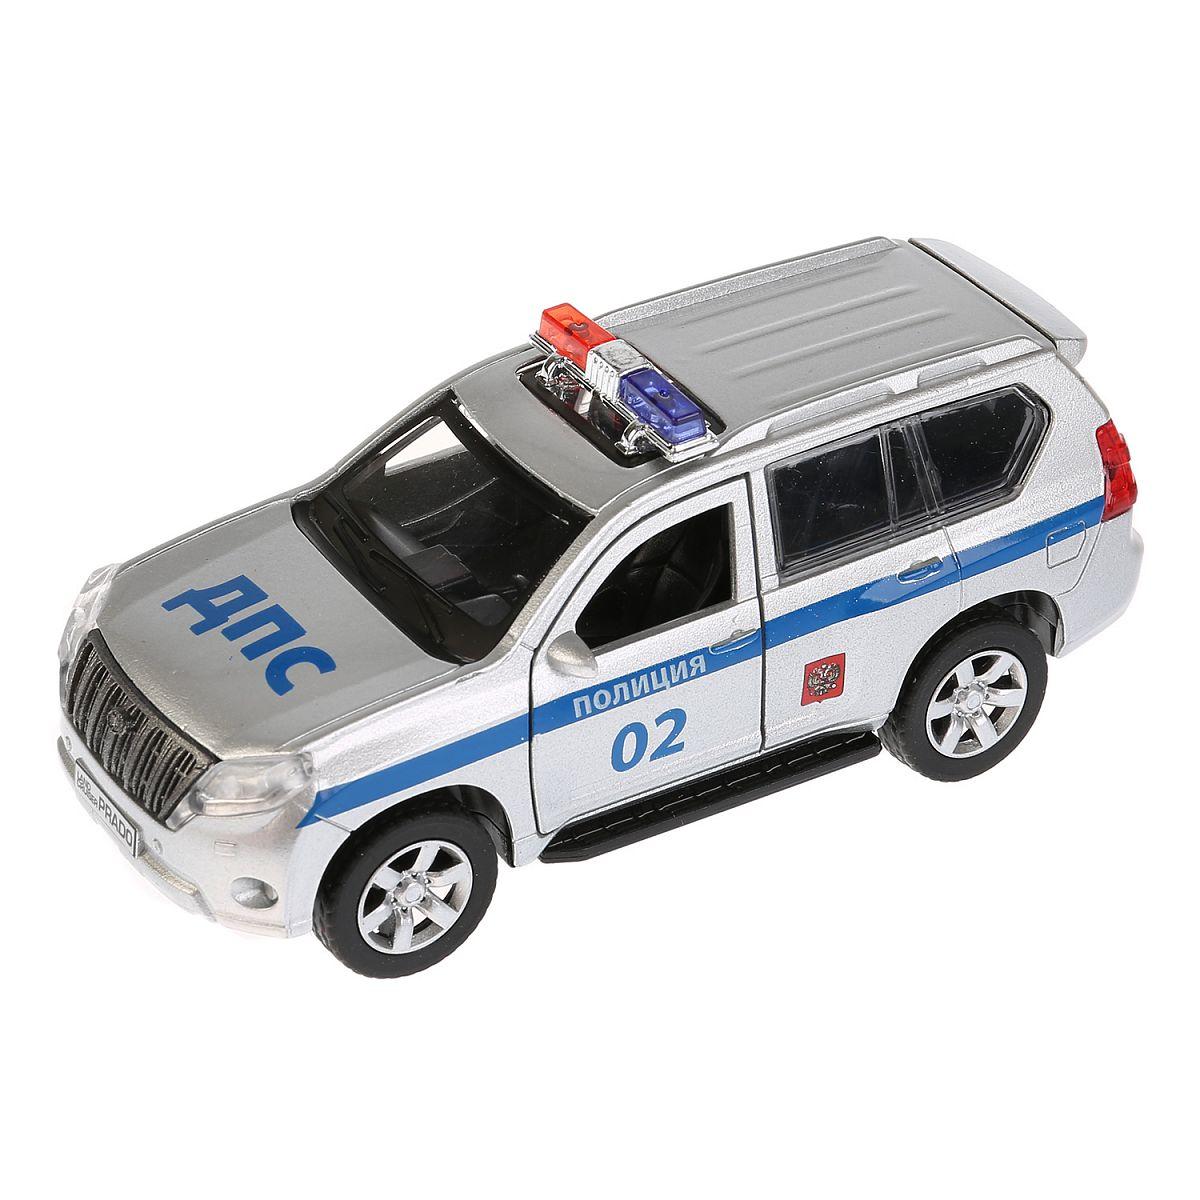 b960b2cad69c Машина Технопарк Toyota Prado полиция - купить в Москве: цены в интернет- магазине Кораблик